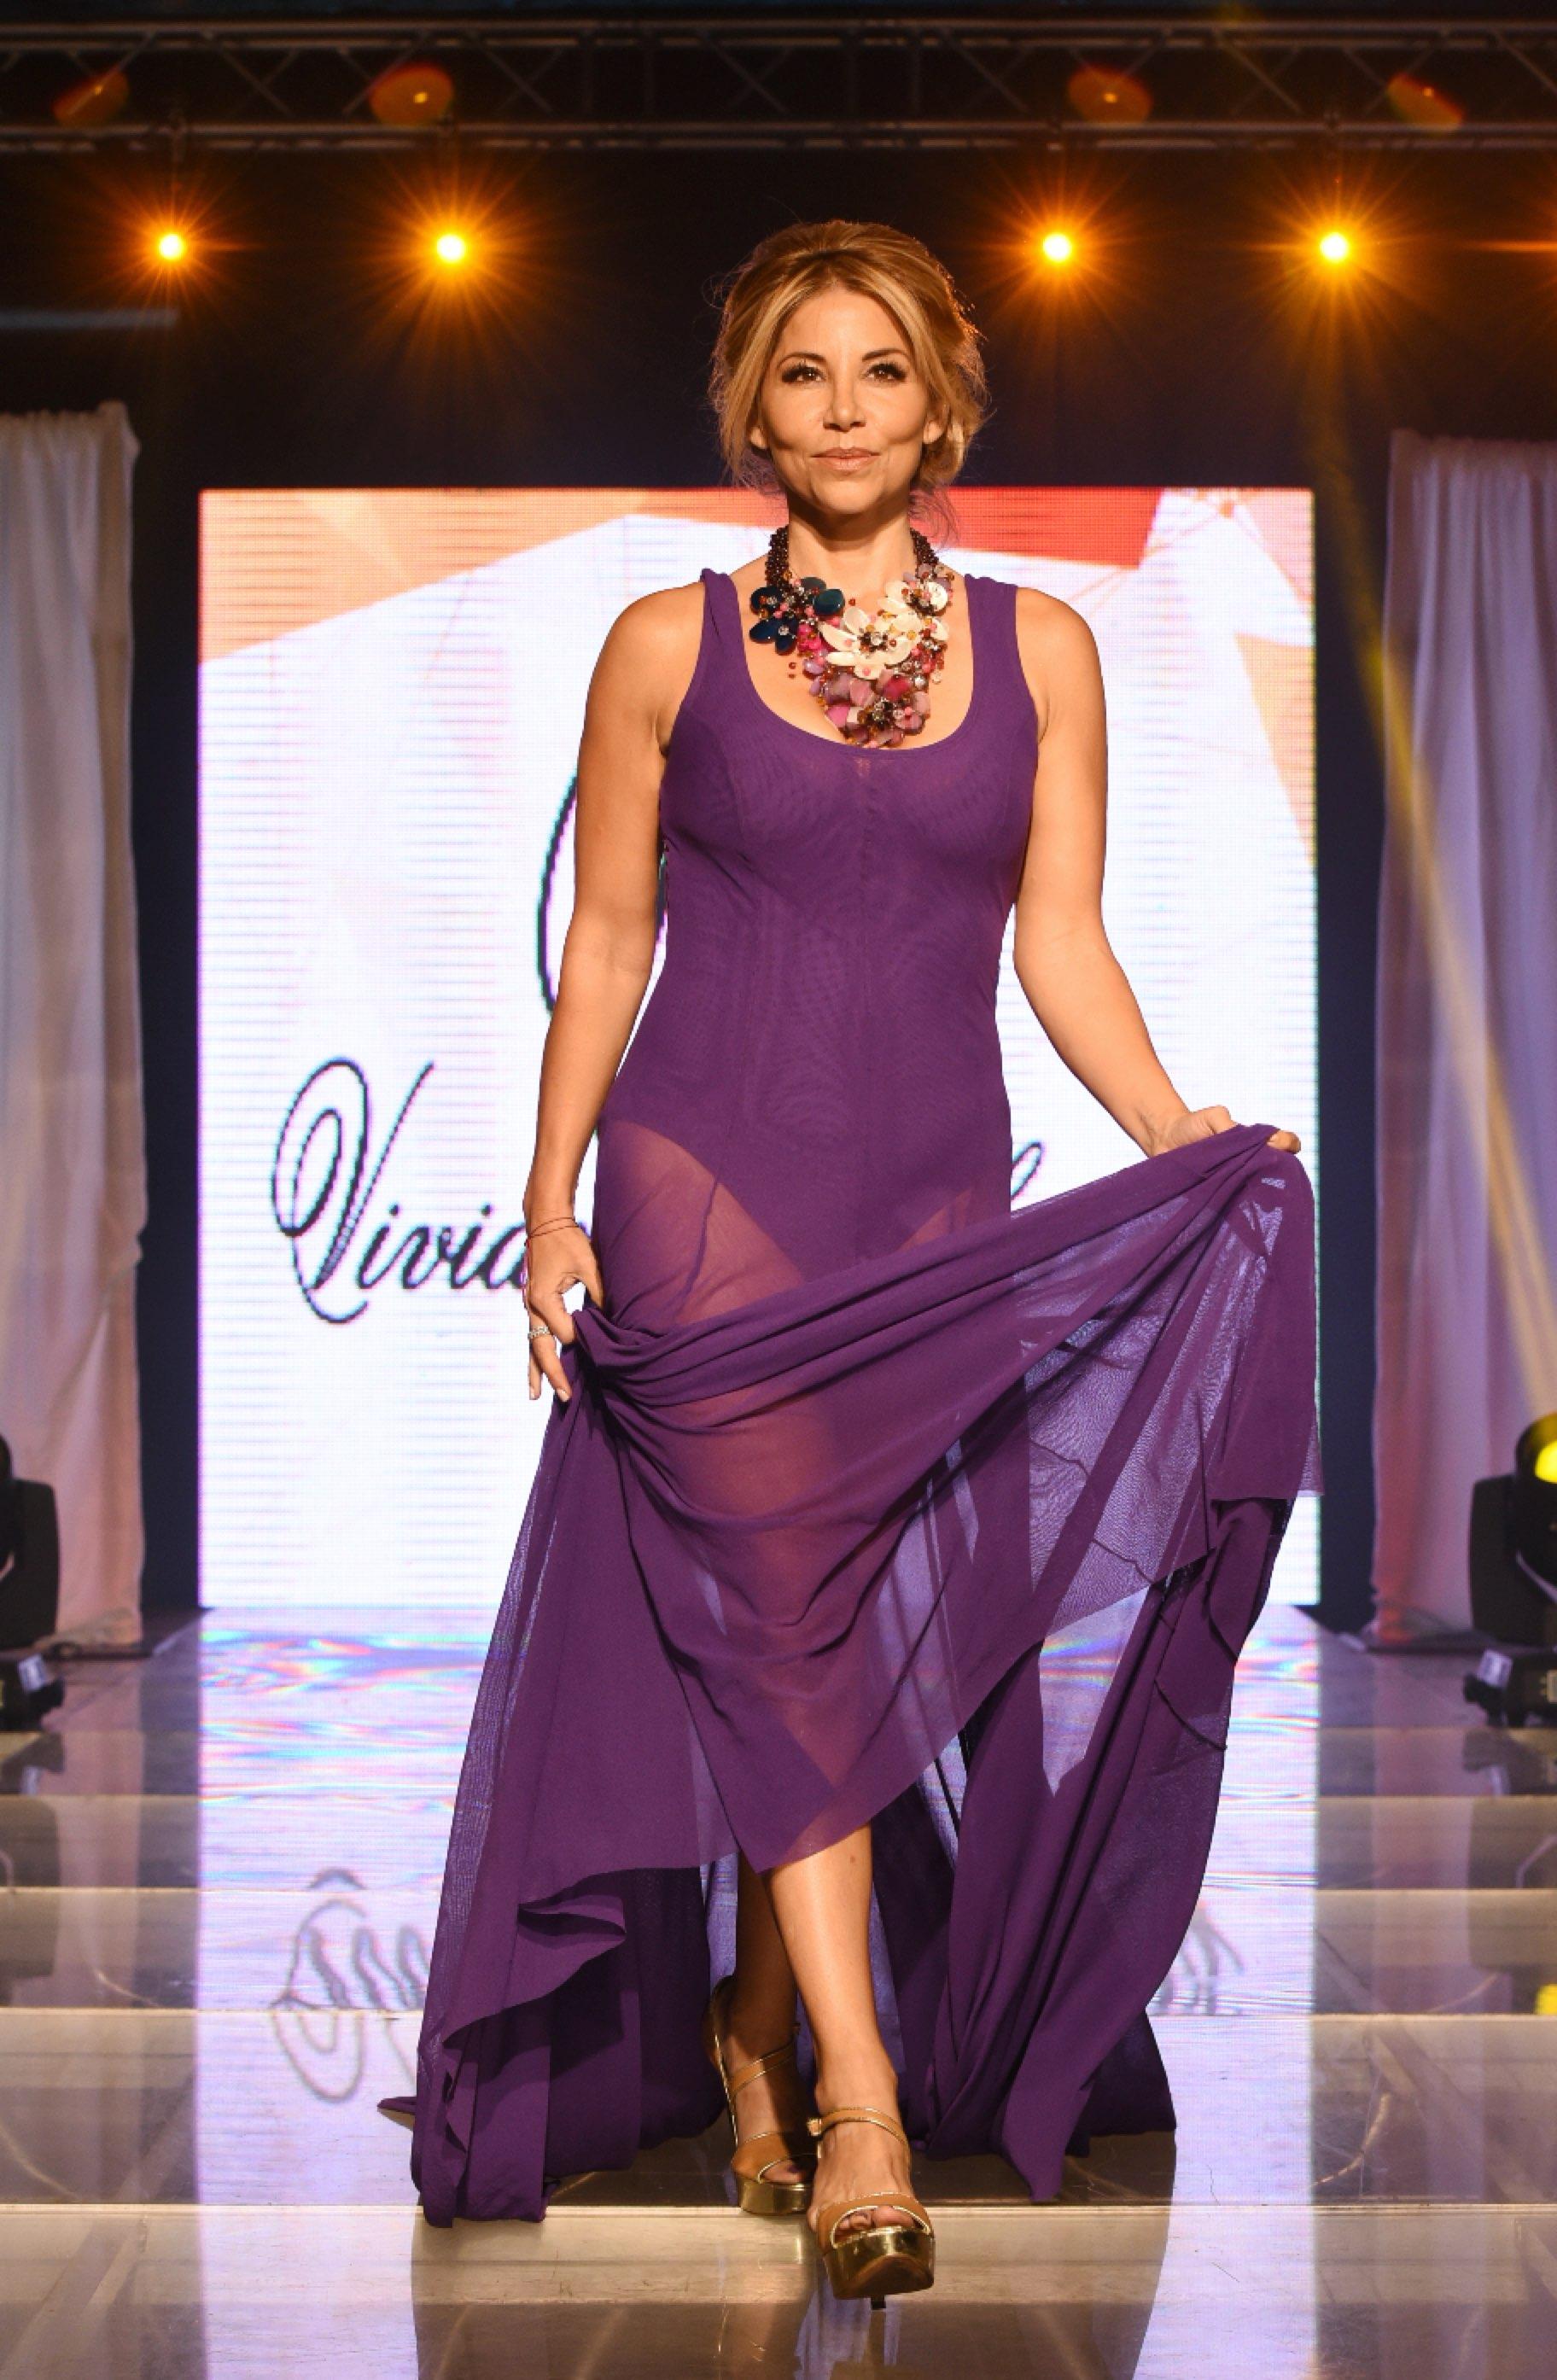 MHBF 2016 – Viviana Gabeiras – 10